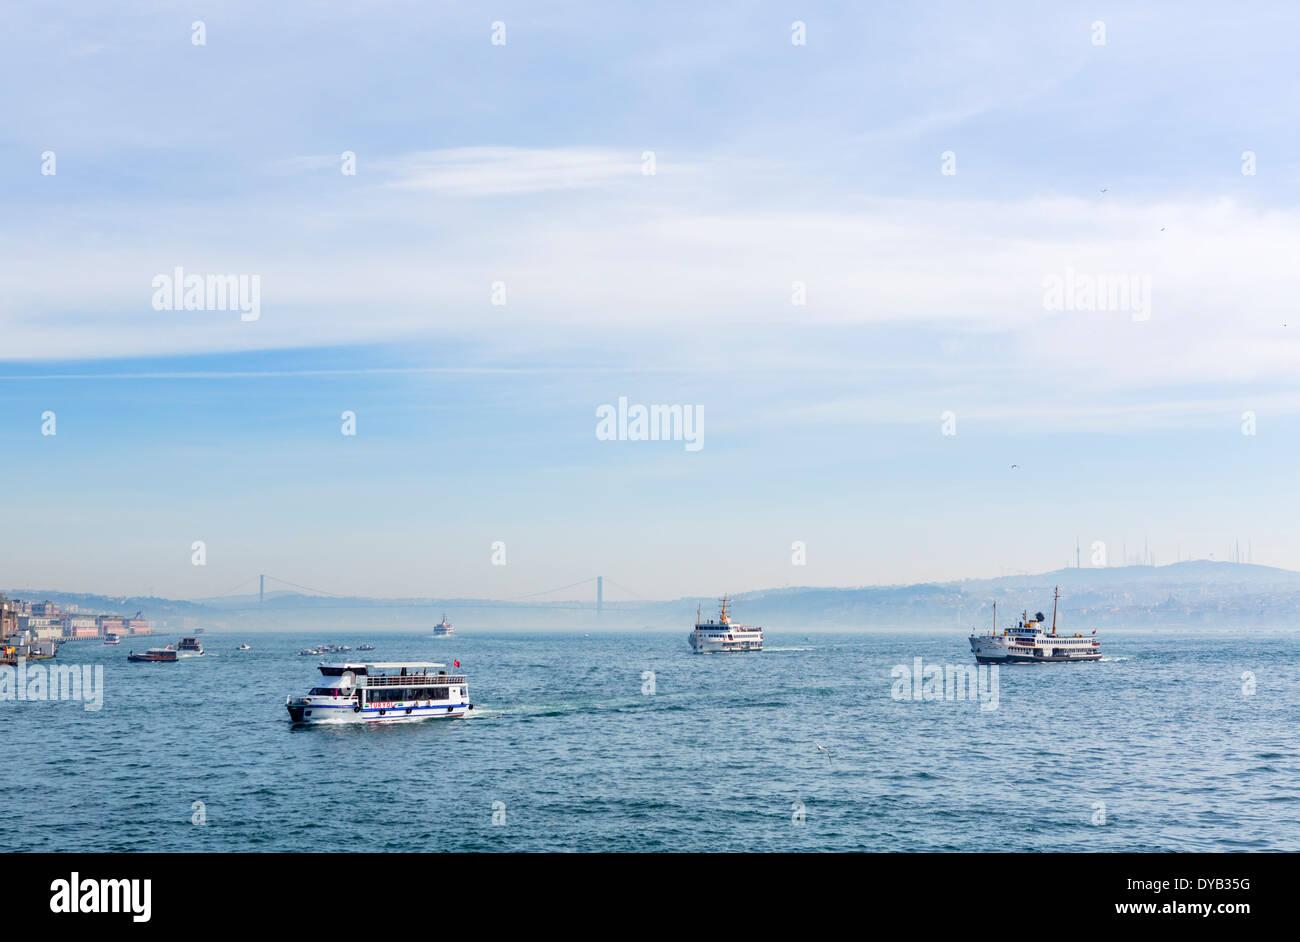 Vista de los transbordadores locales y botes de paseo sobre el Cuerno de Oro, mirando hacia el Puente del Bósforo, Estambul, Turquía Imagen De Stock